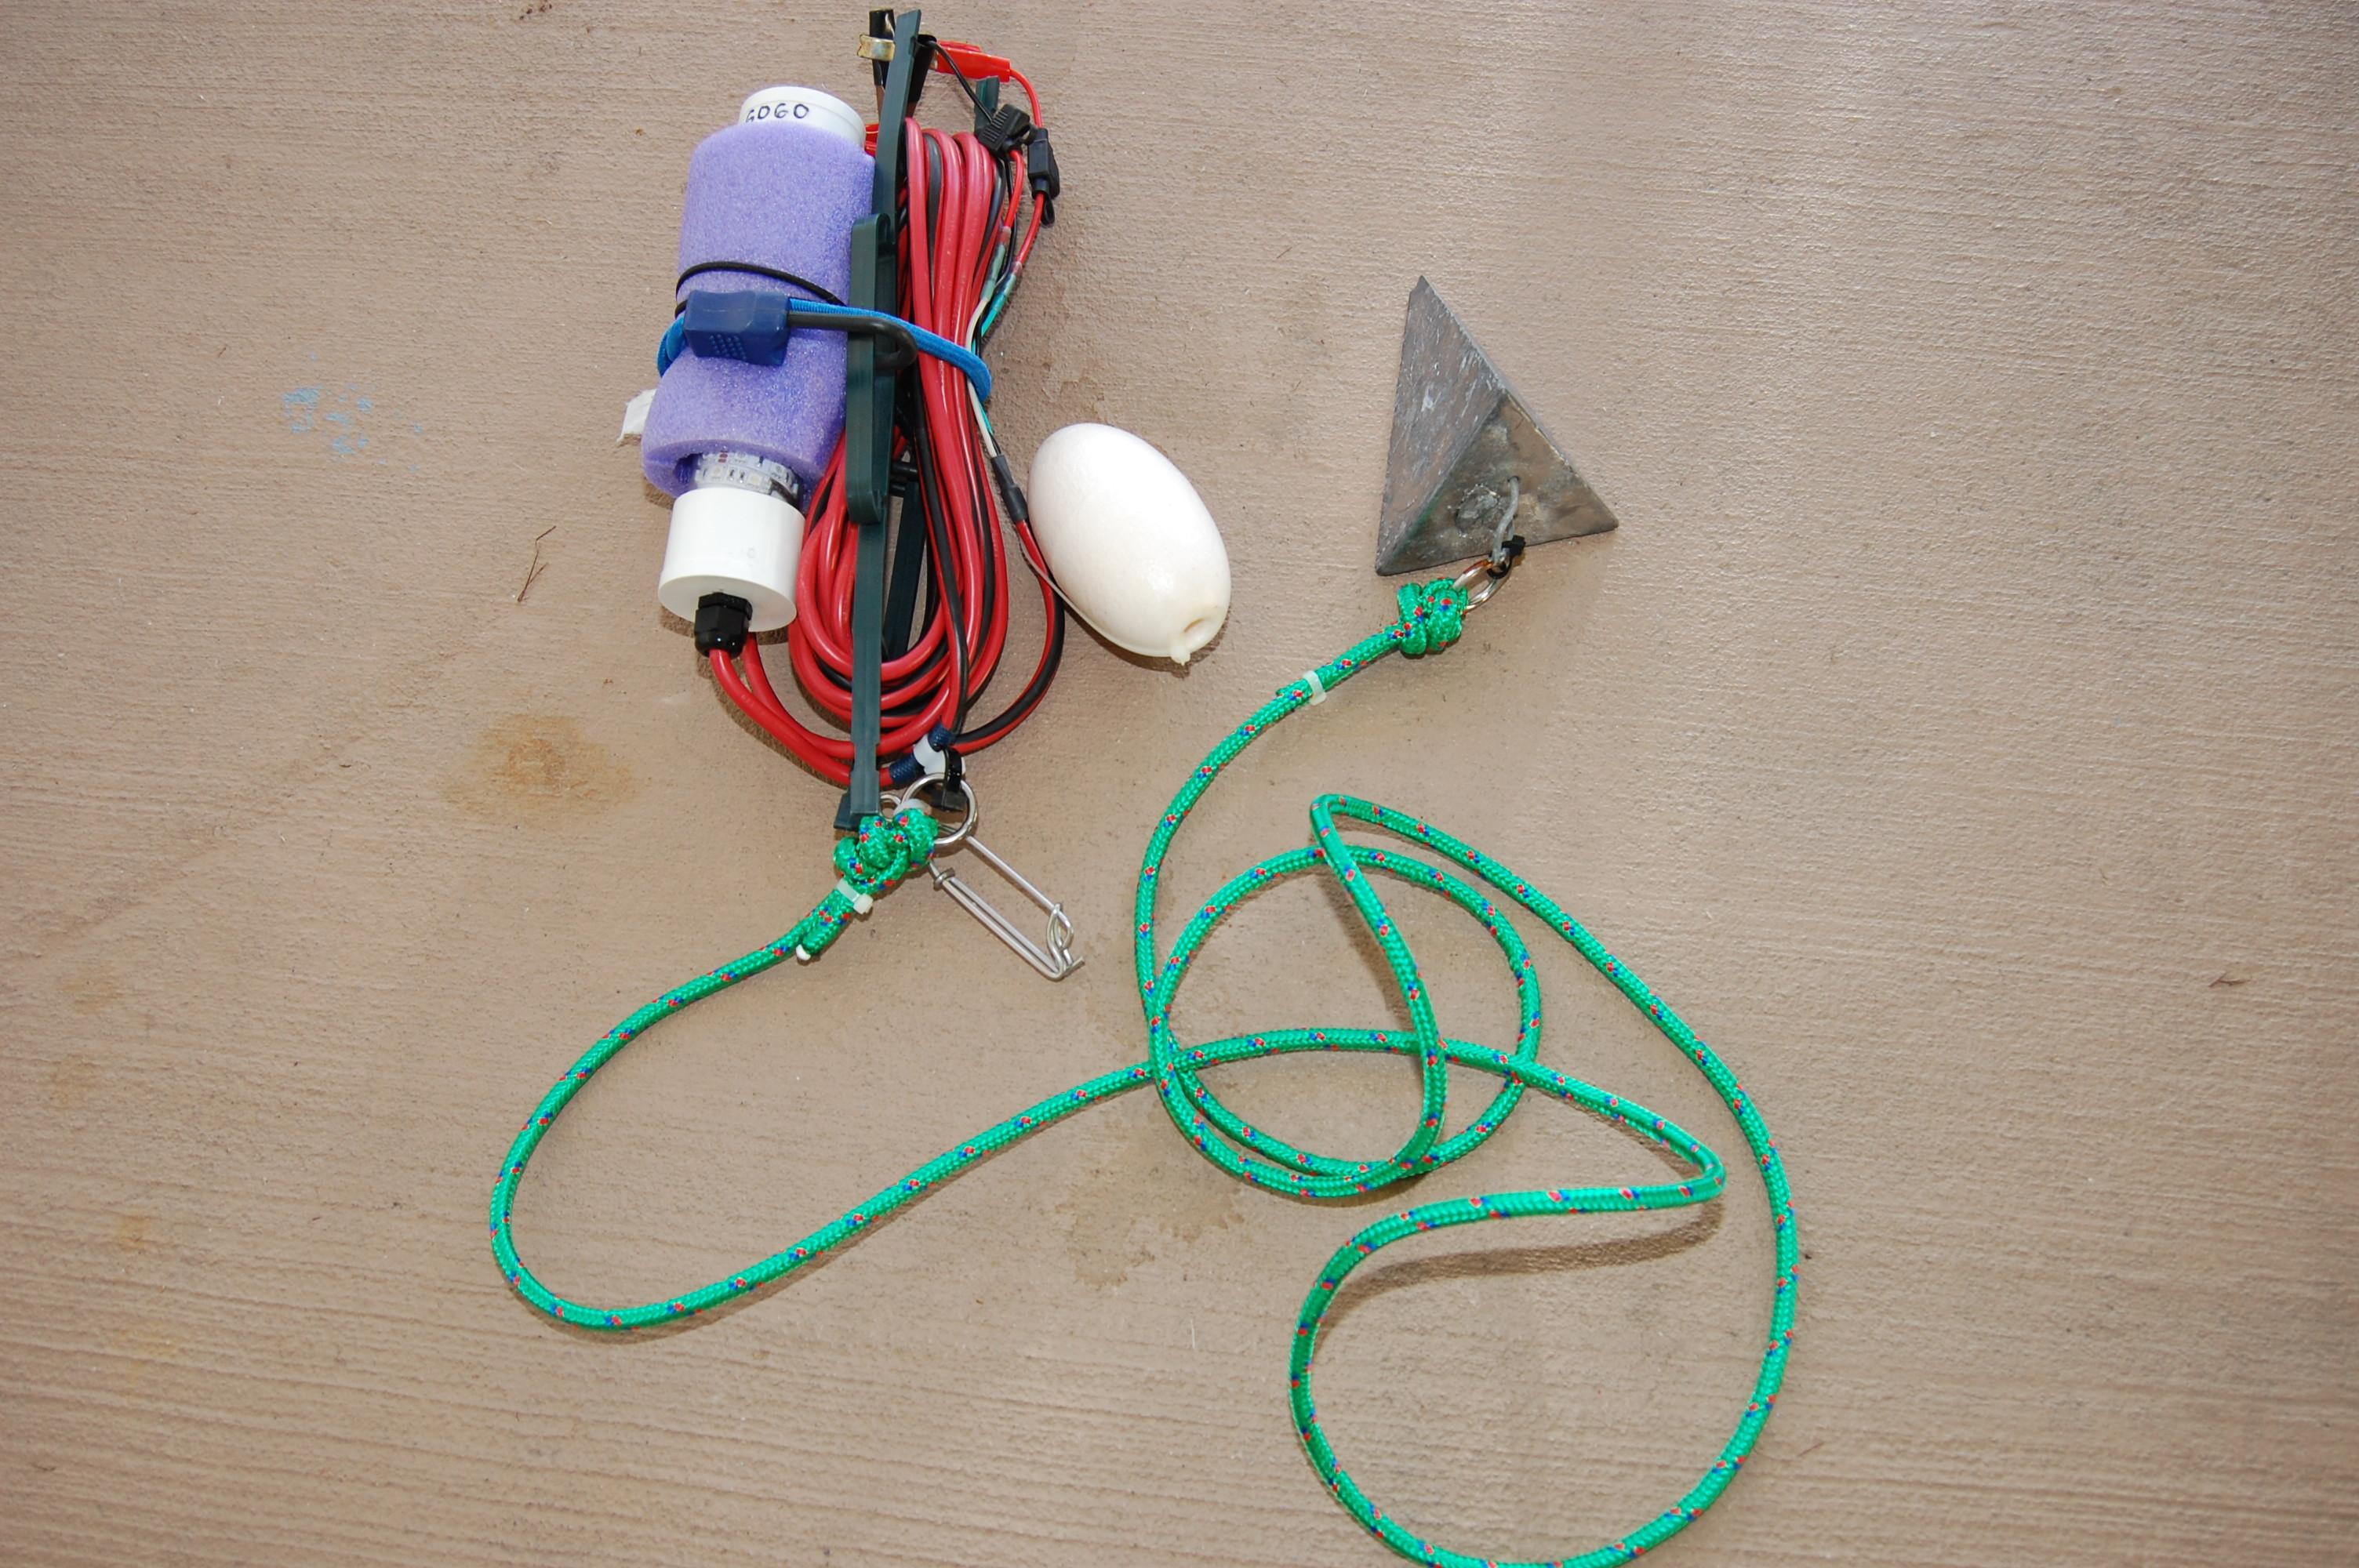 submersible fishing lights - award winning seriesleenoga, Reel Combo